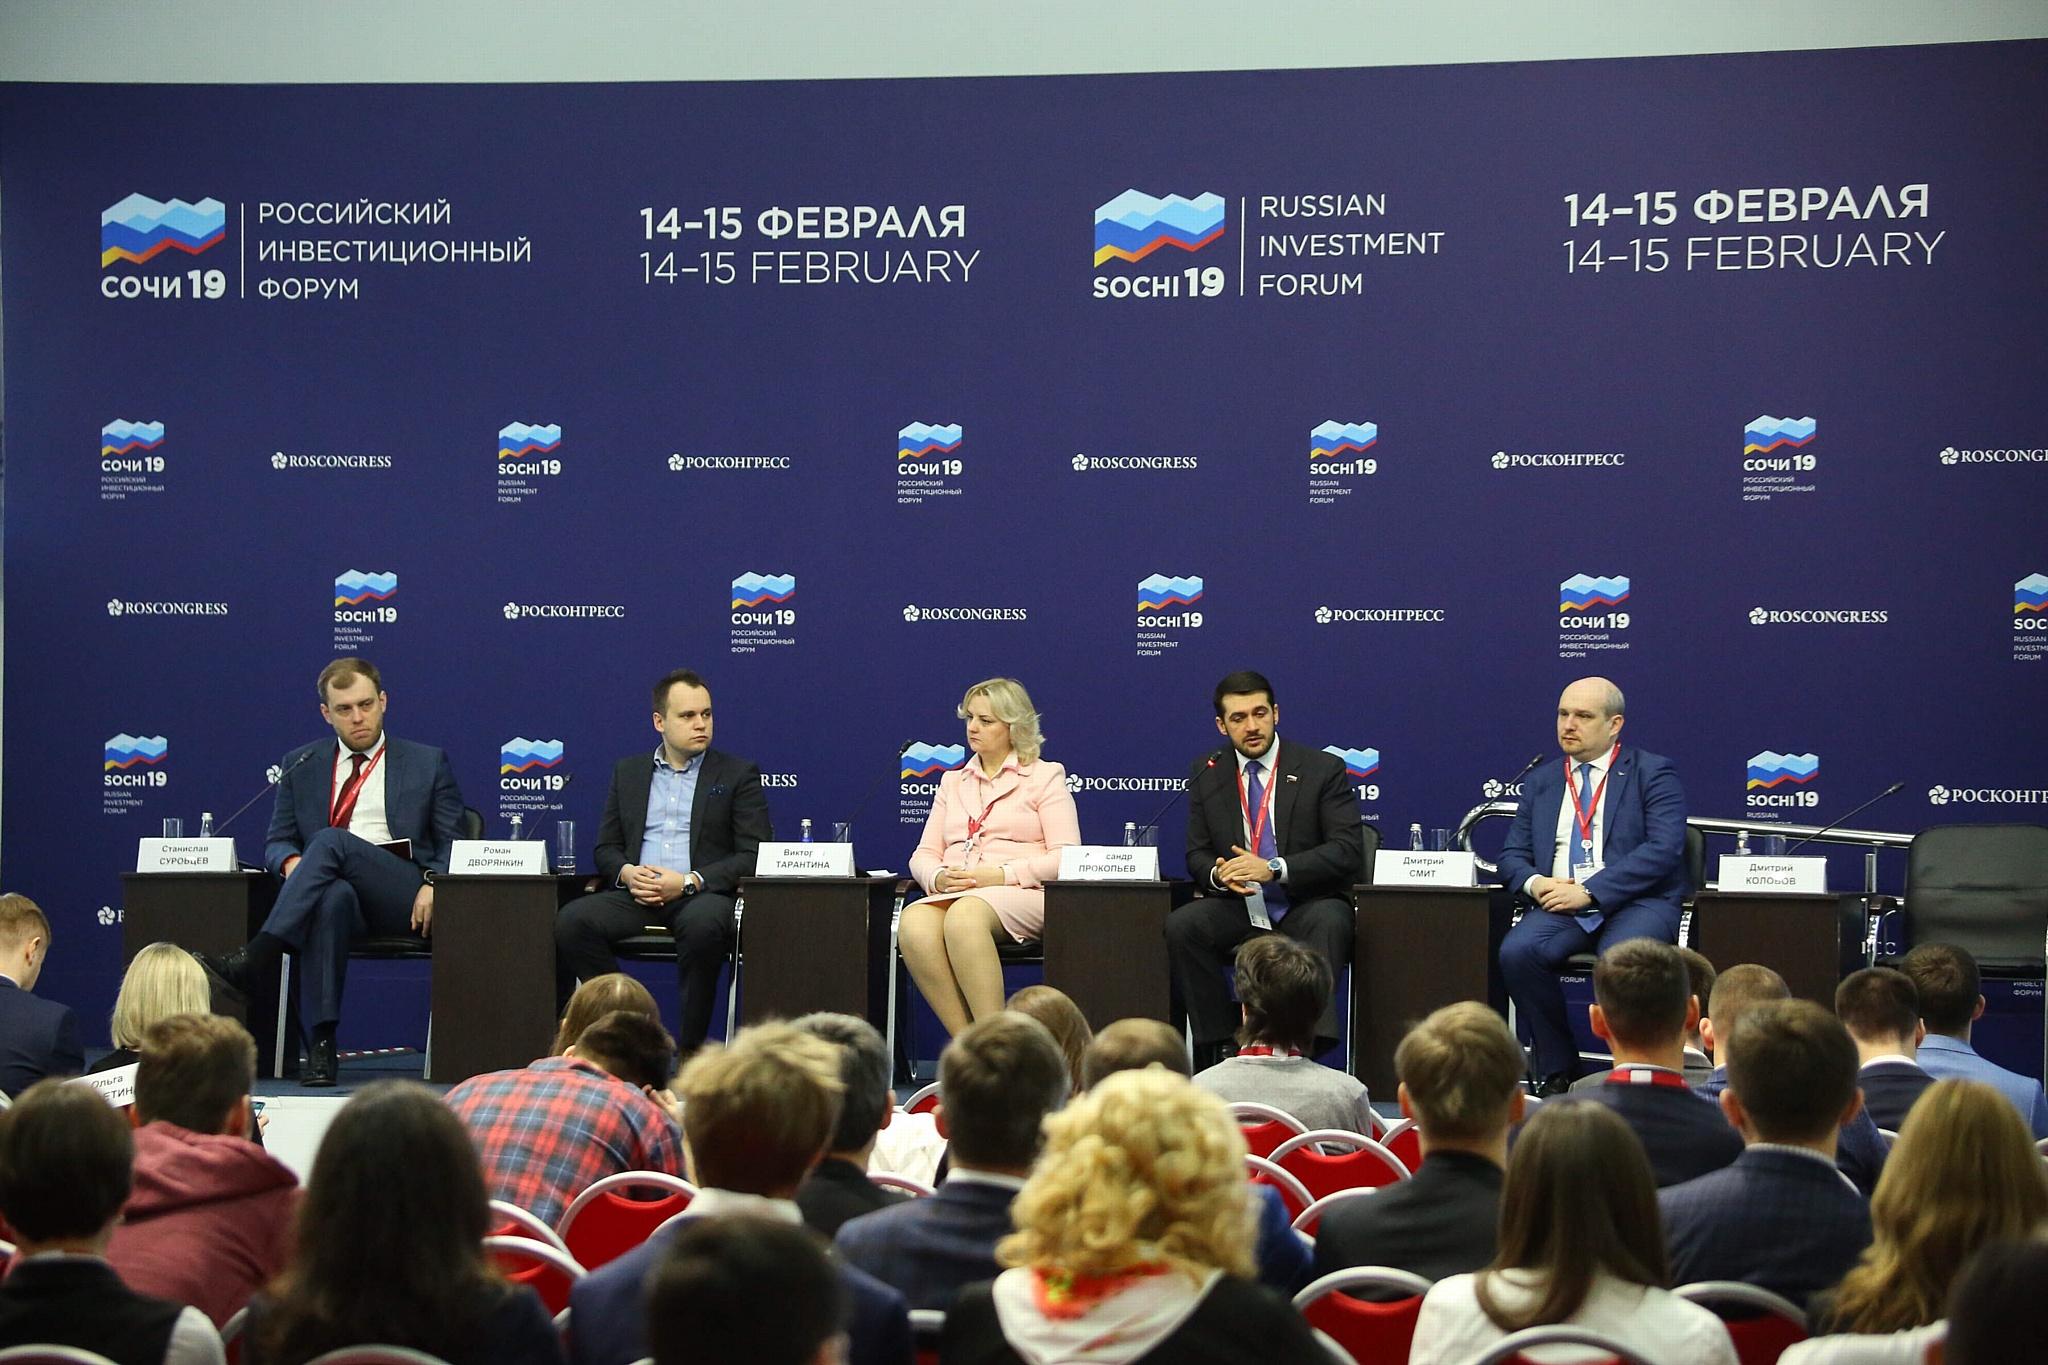 iRU приняла участие в Российском инвестиционном форуме в Сочи.